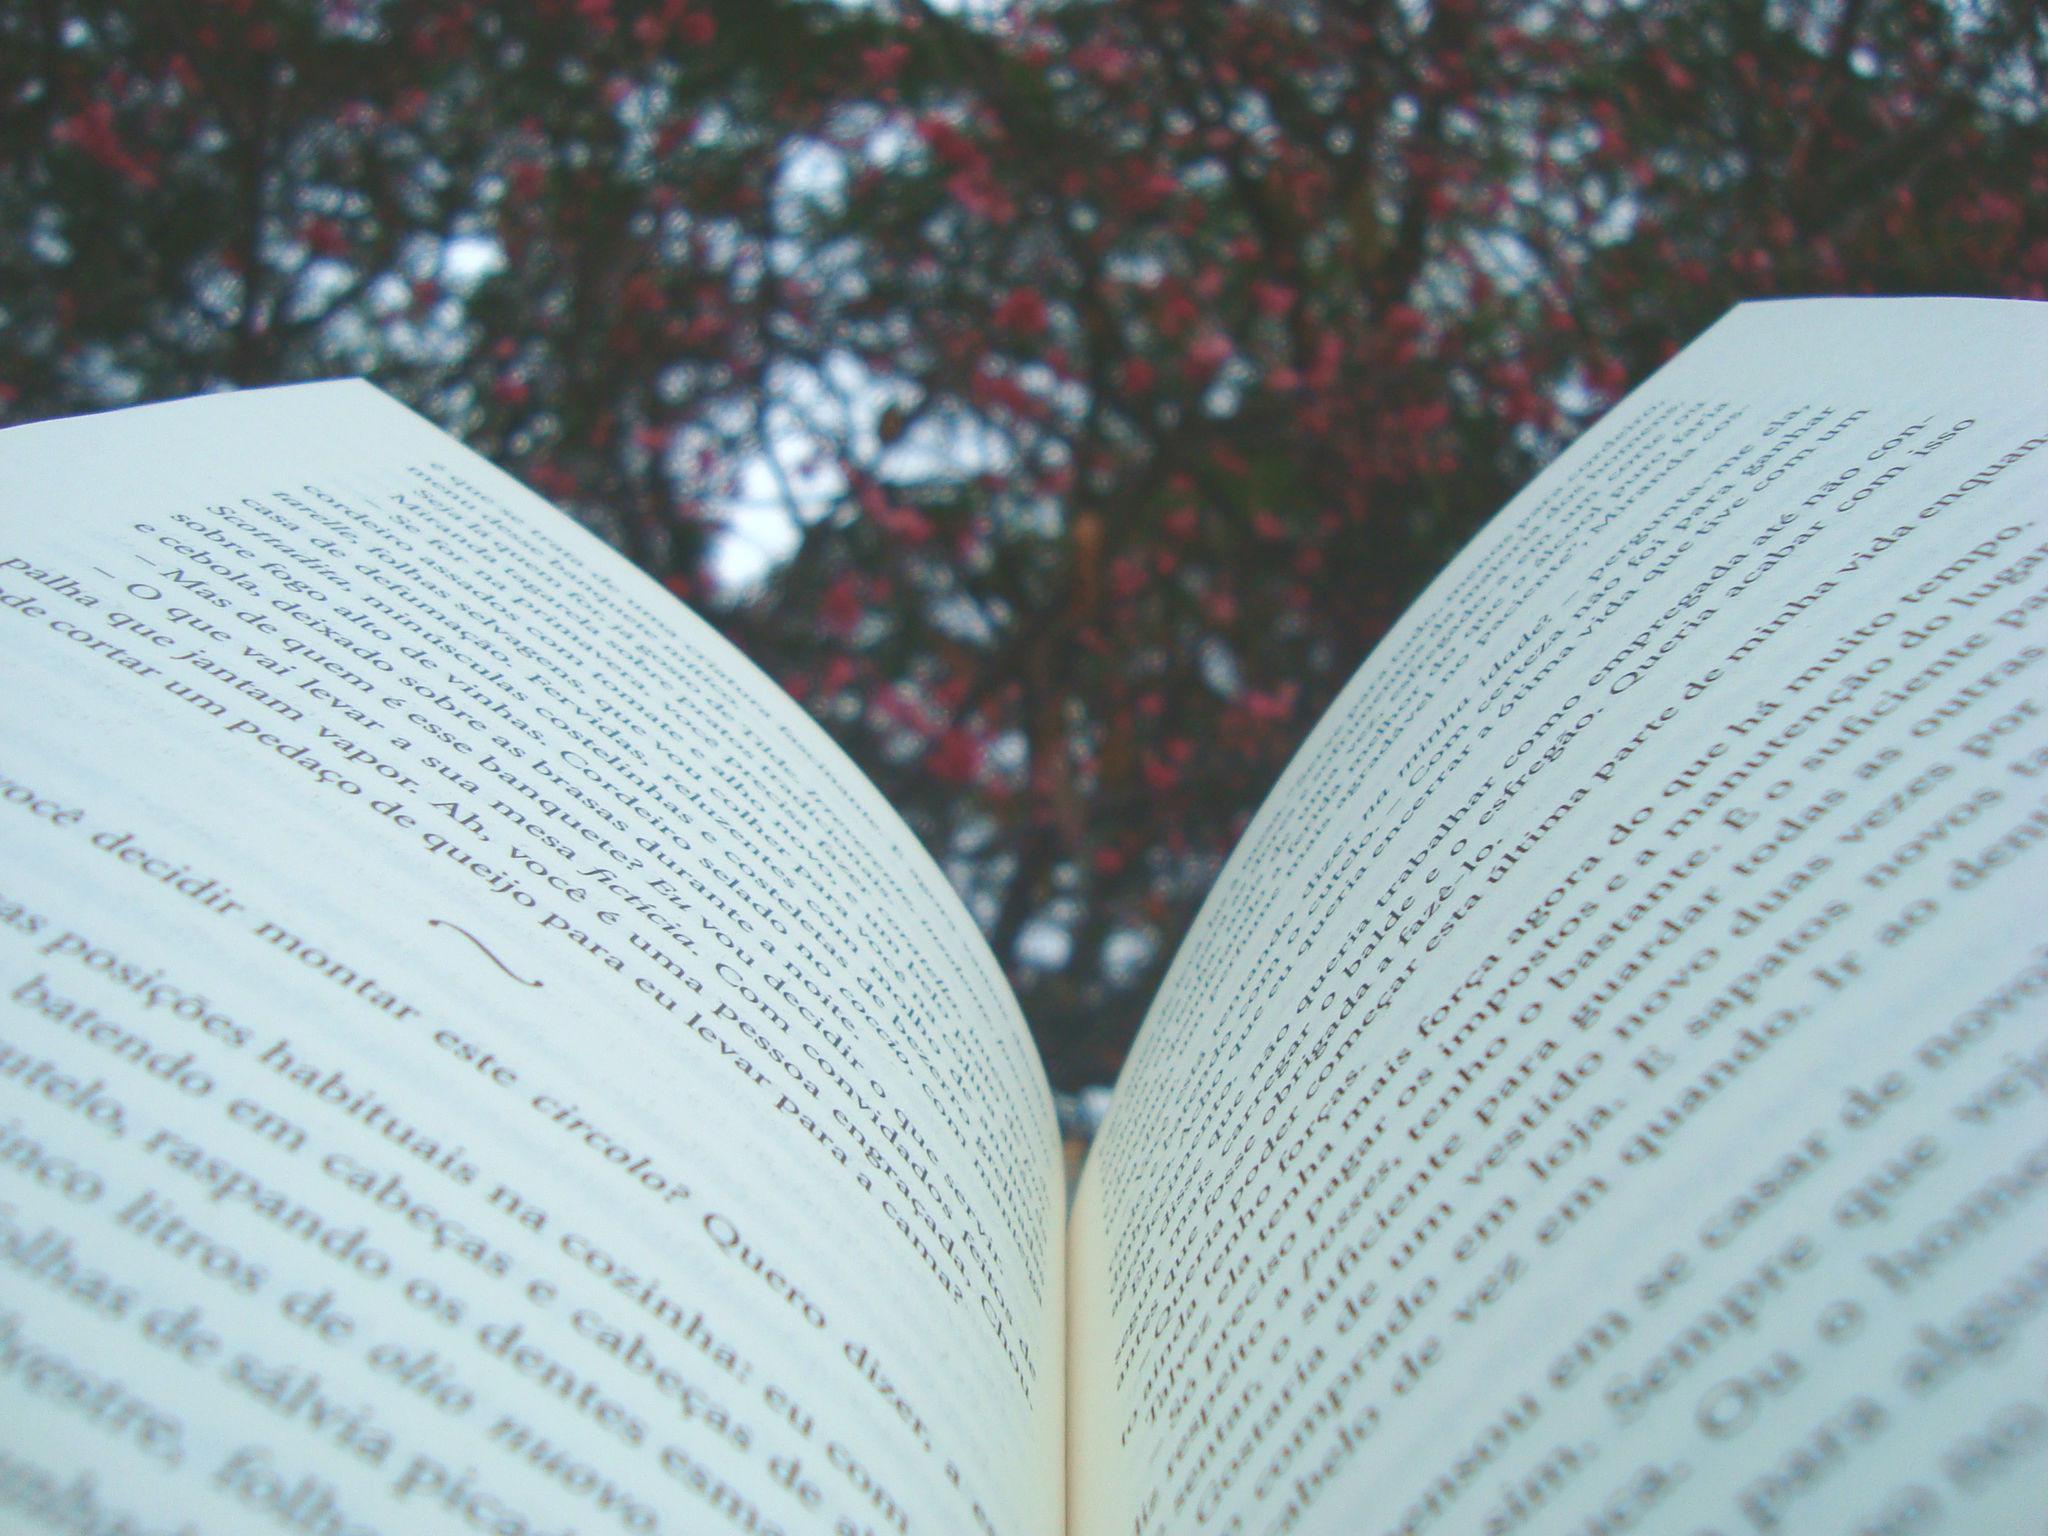 paginas internas do livro a doce vida na úmbria